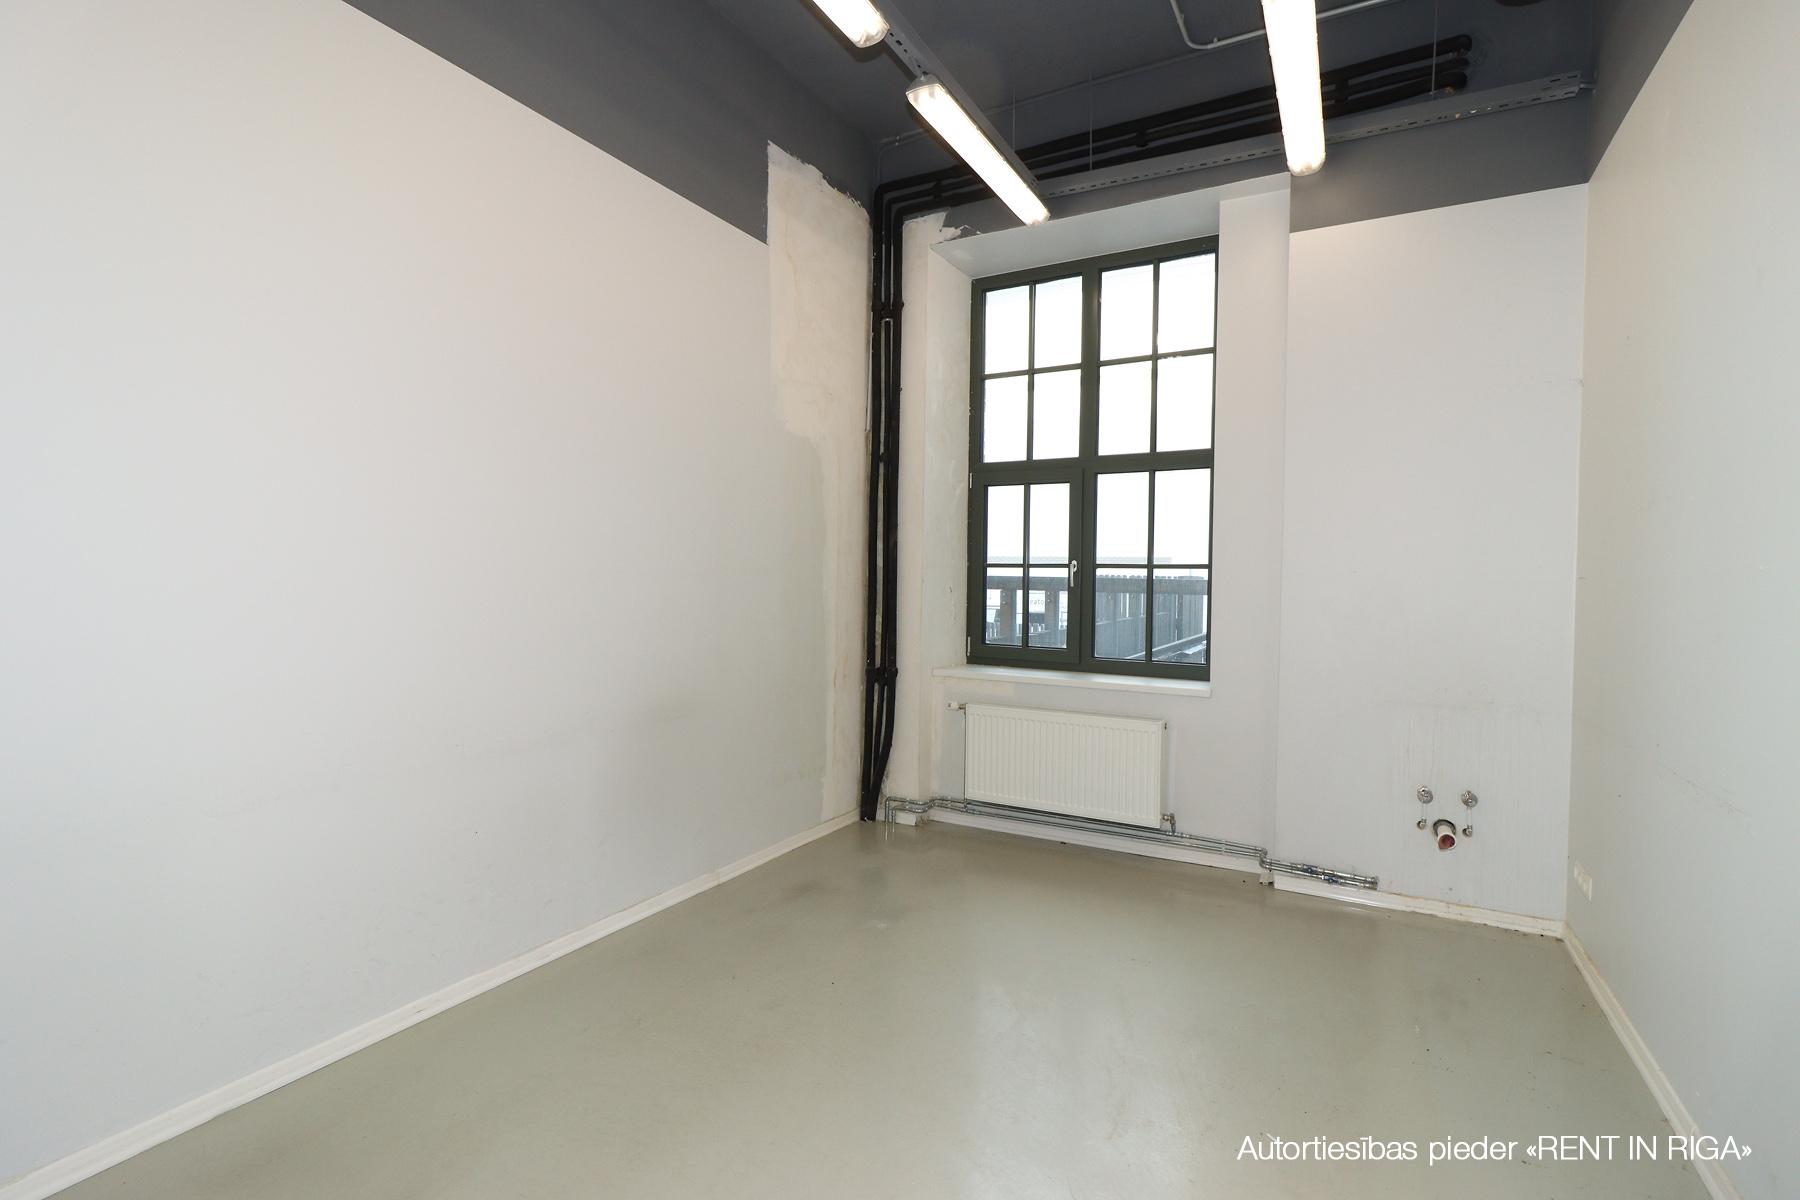 Pārdod biroju, Mūkusalas iela - Attēls 1